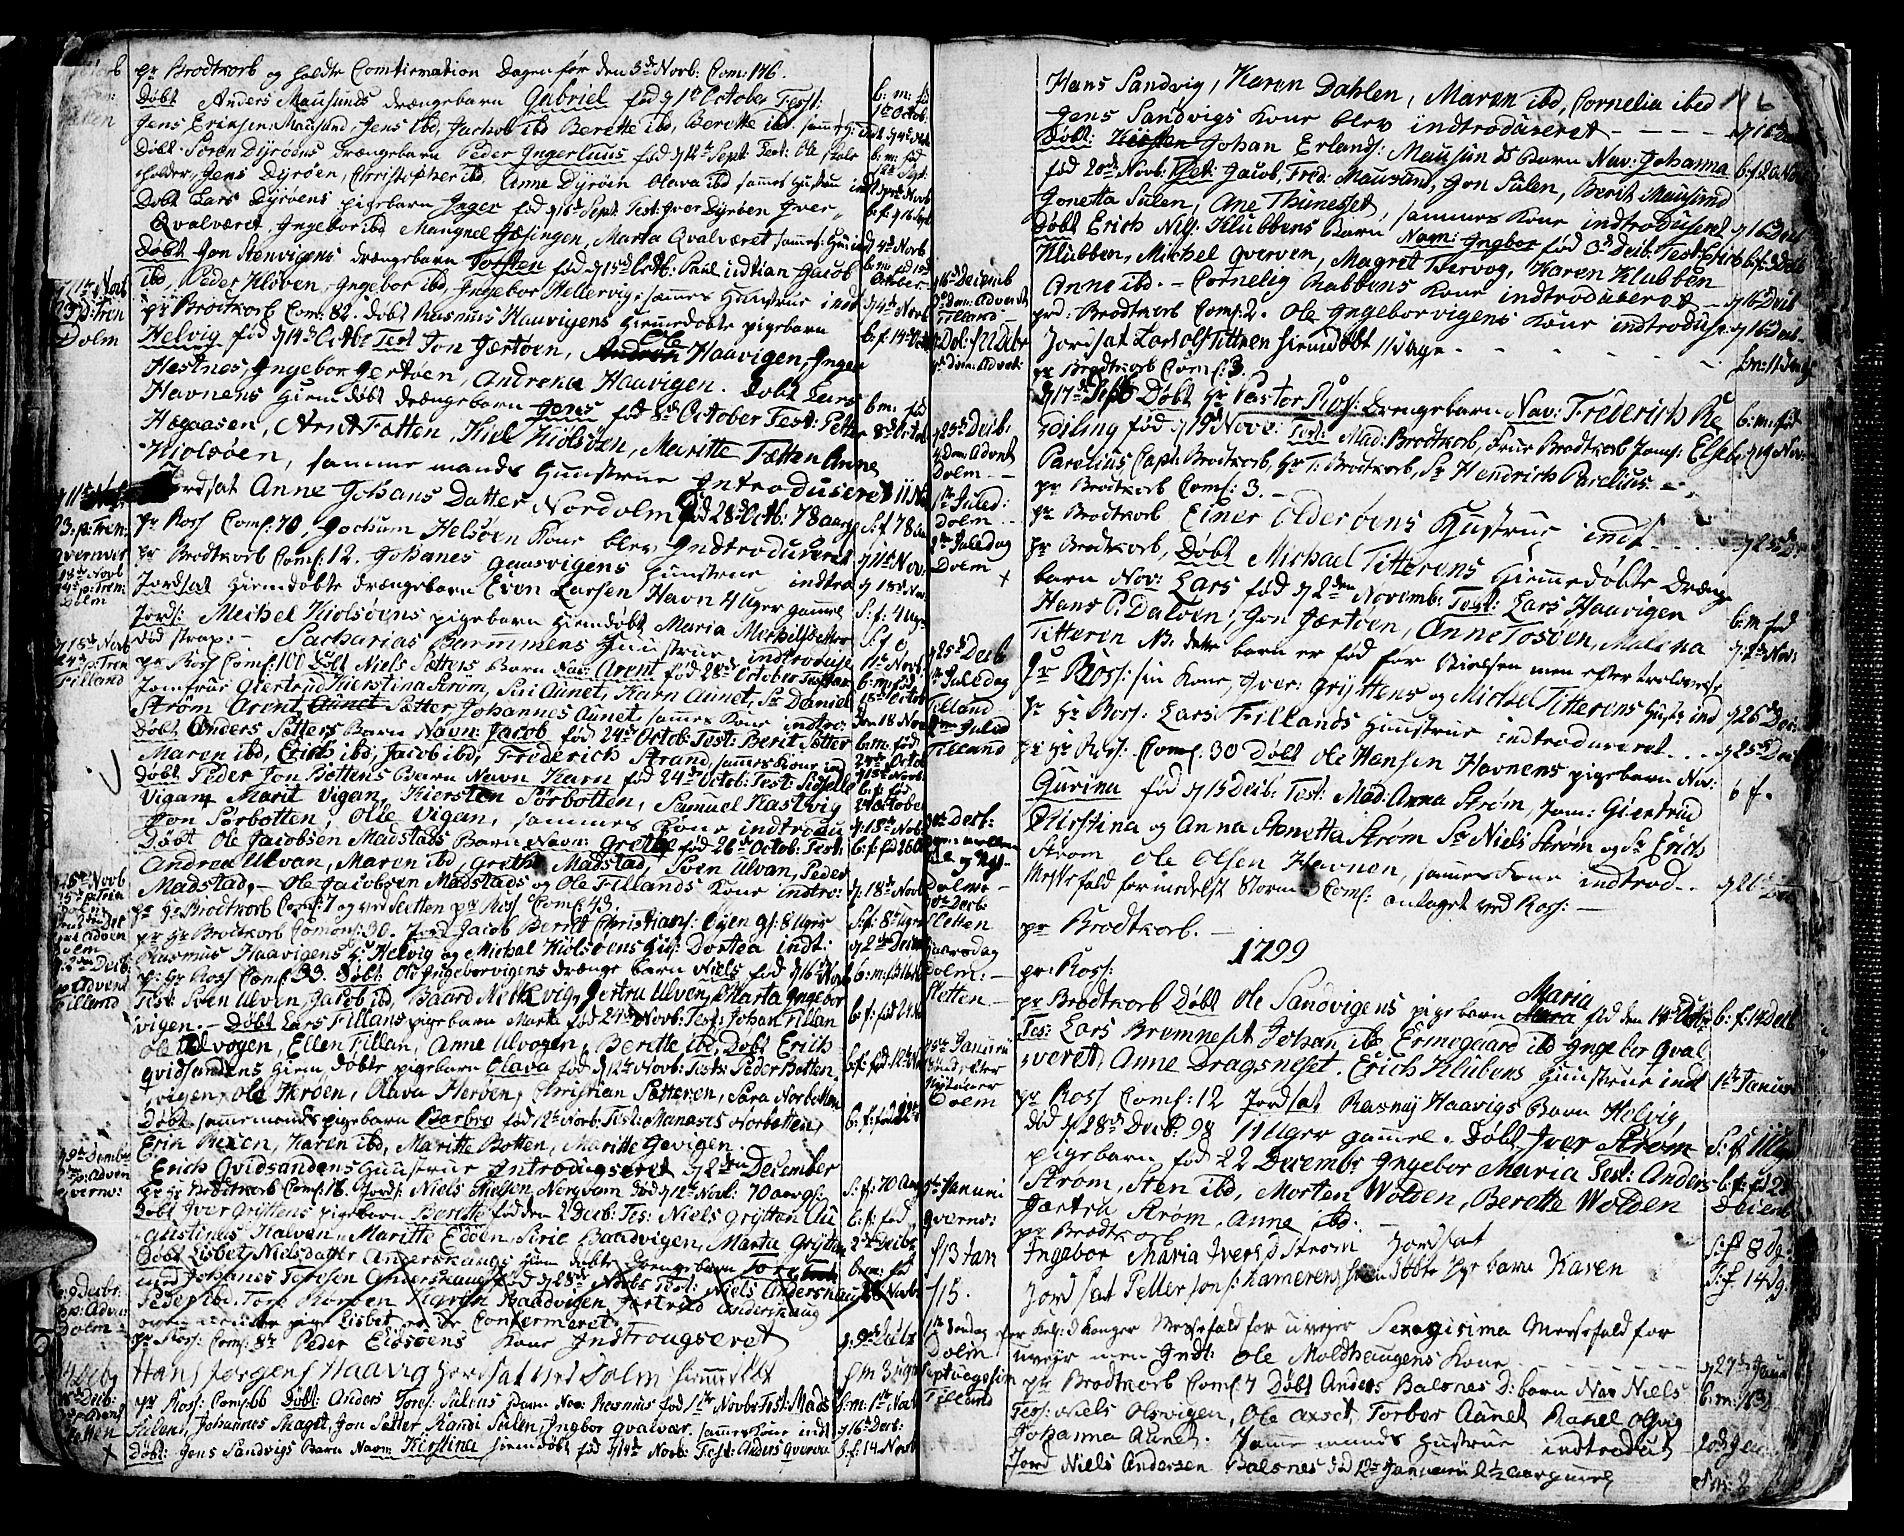 SAT, Ministerialprotokoller, klokkerbøker og fødselsregistre - Sør-Trøndelag, 634/L0526: Ministerialbok nr. 634A02, 1775-1818, s. 116